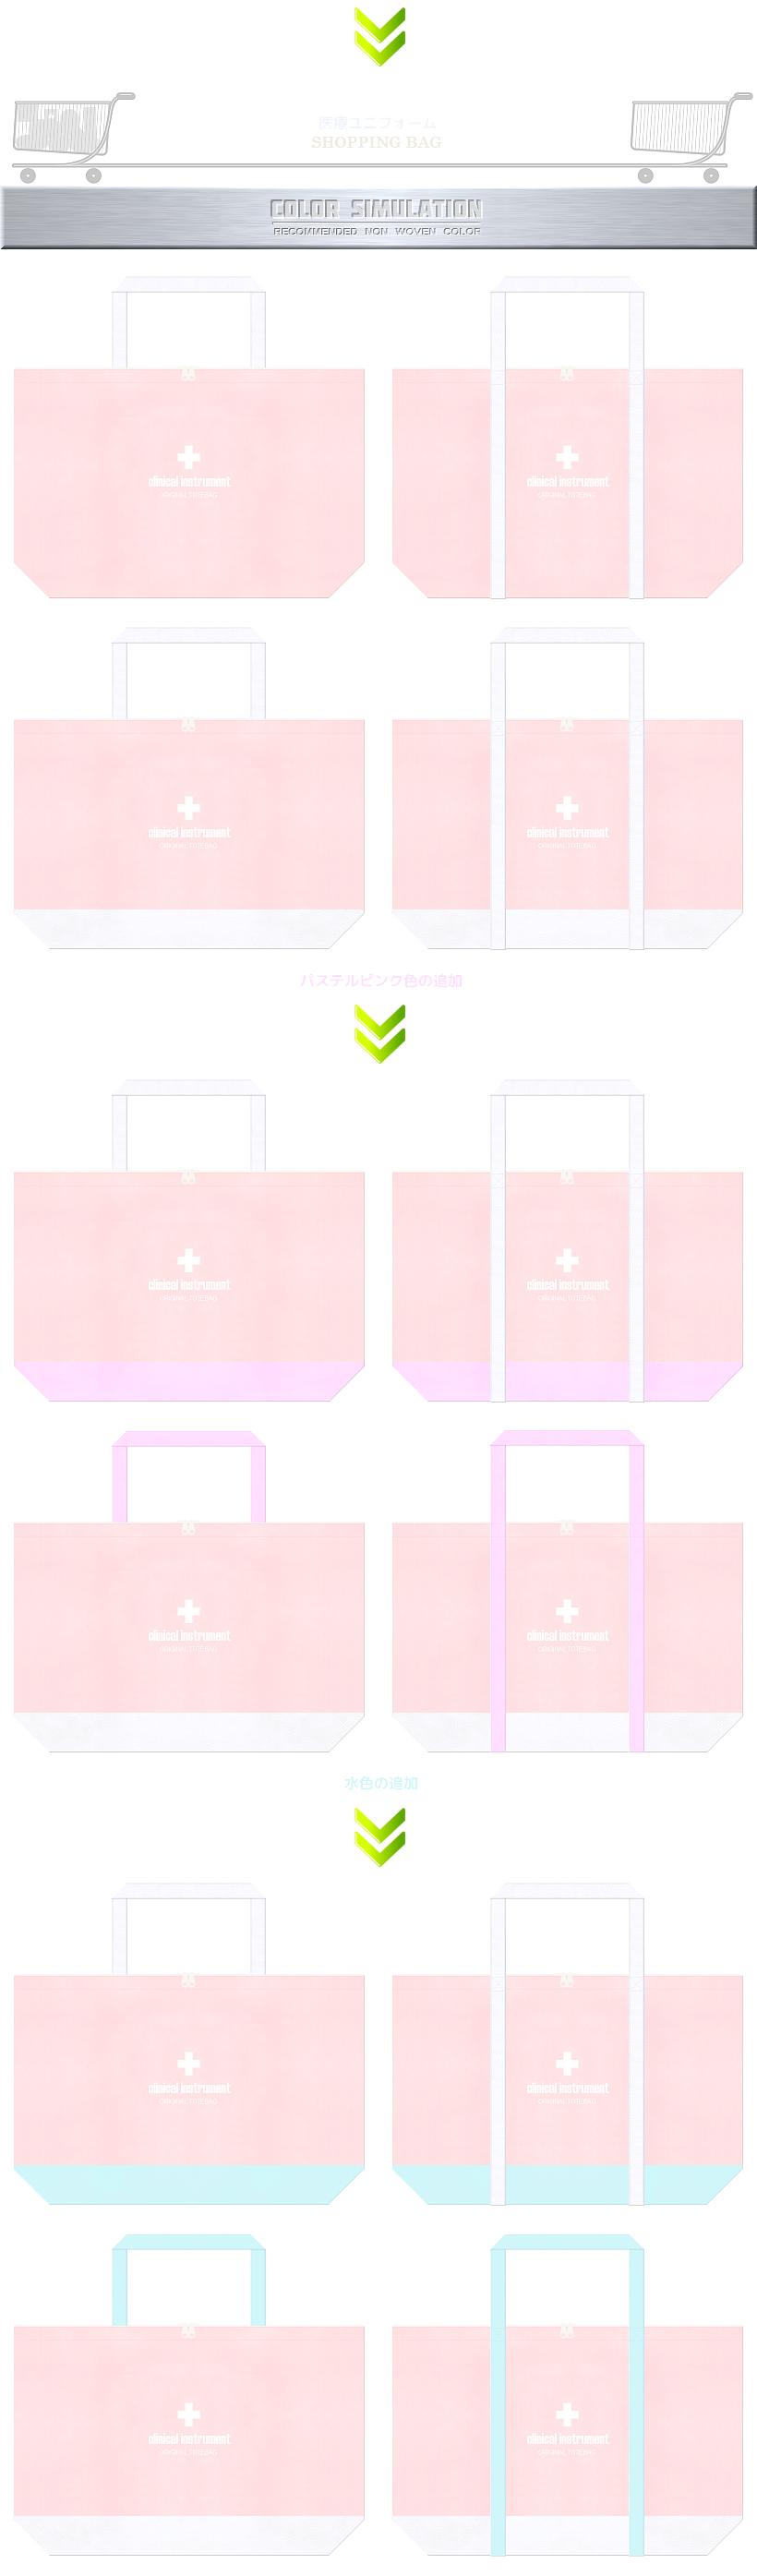 桜色と白色をメインに使用した不織布バッグのカラーシミュレーション(潤い・衛生・清潔):医療ユニフォームのショッピングバッグ